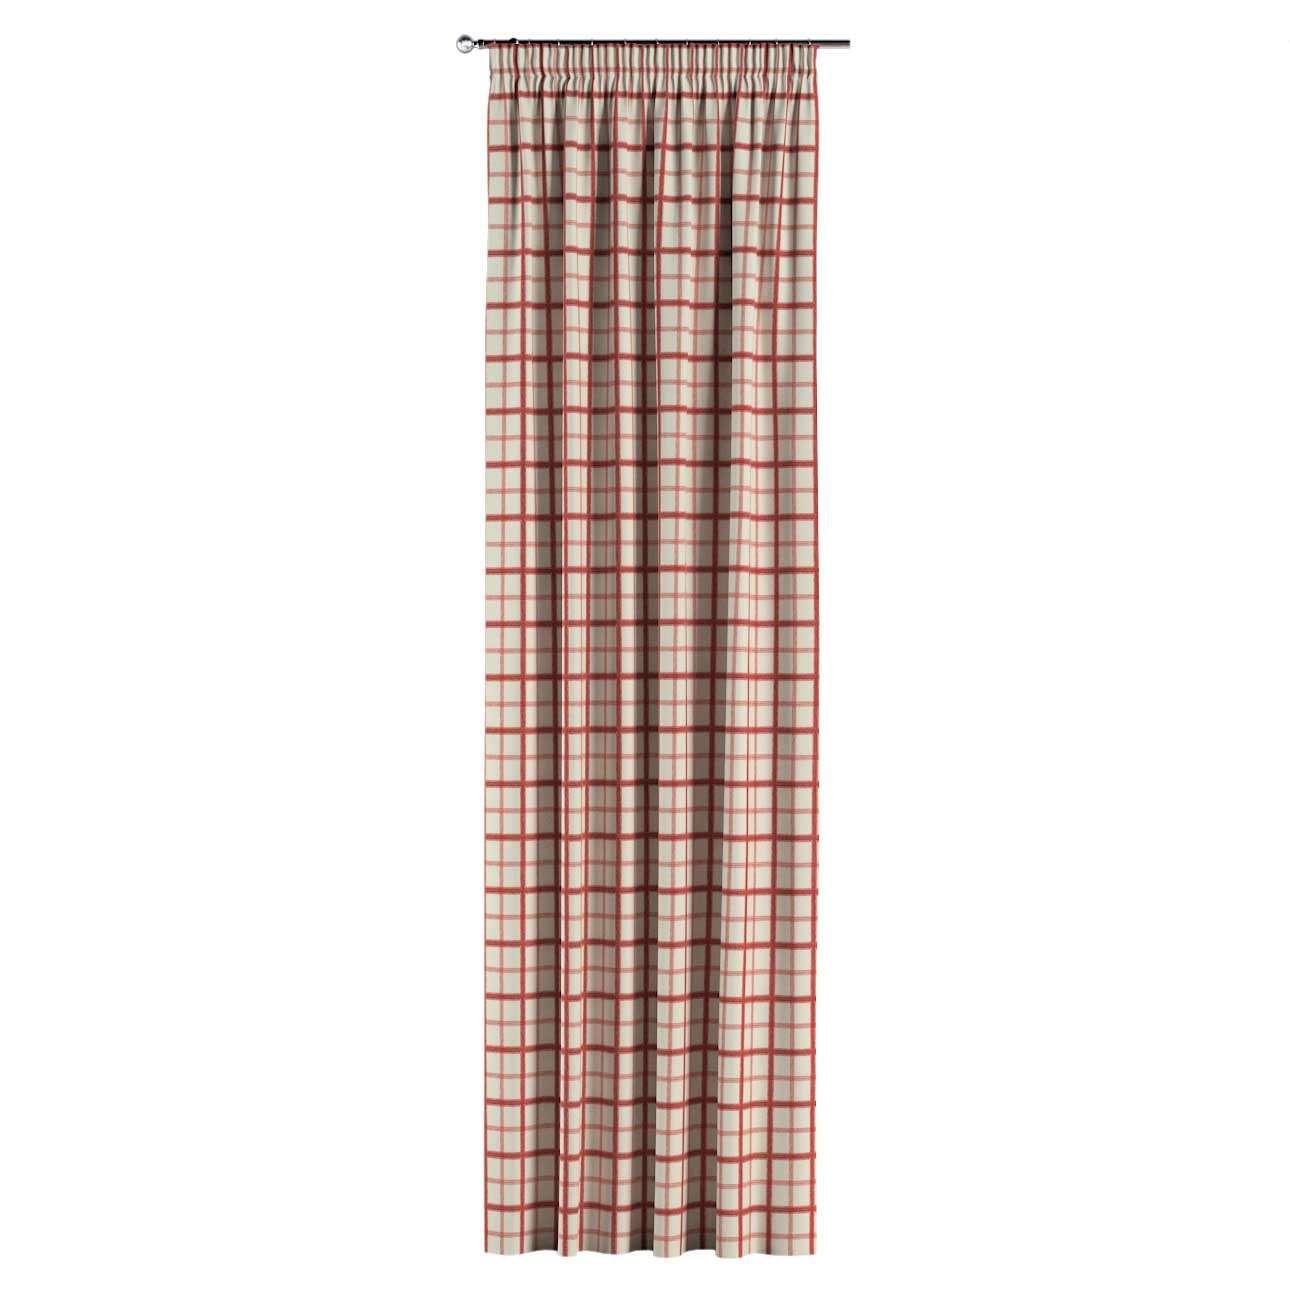 Vorhang mit Kräuselband 1 Stck. 130 x 260 cm von der Kollektion Avinon, Stoff: 131-15